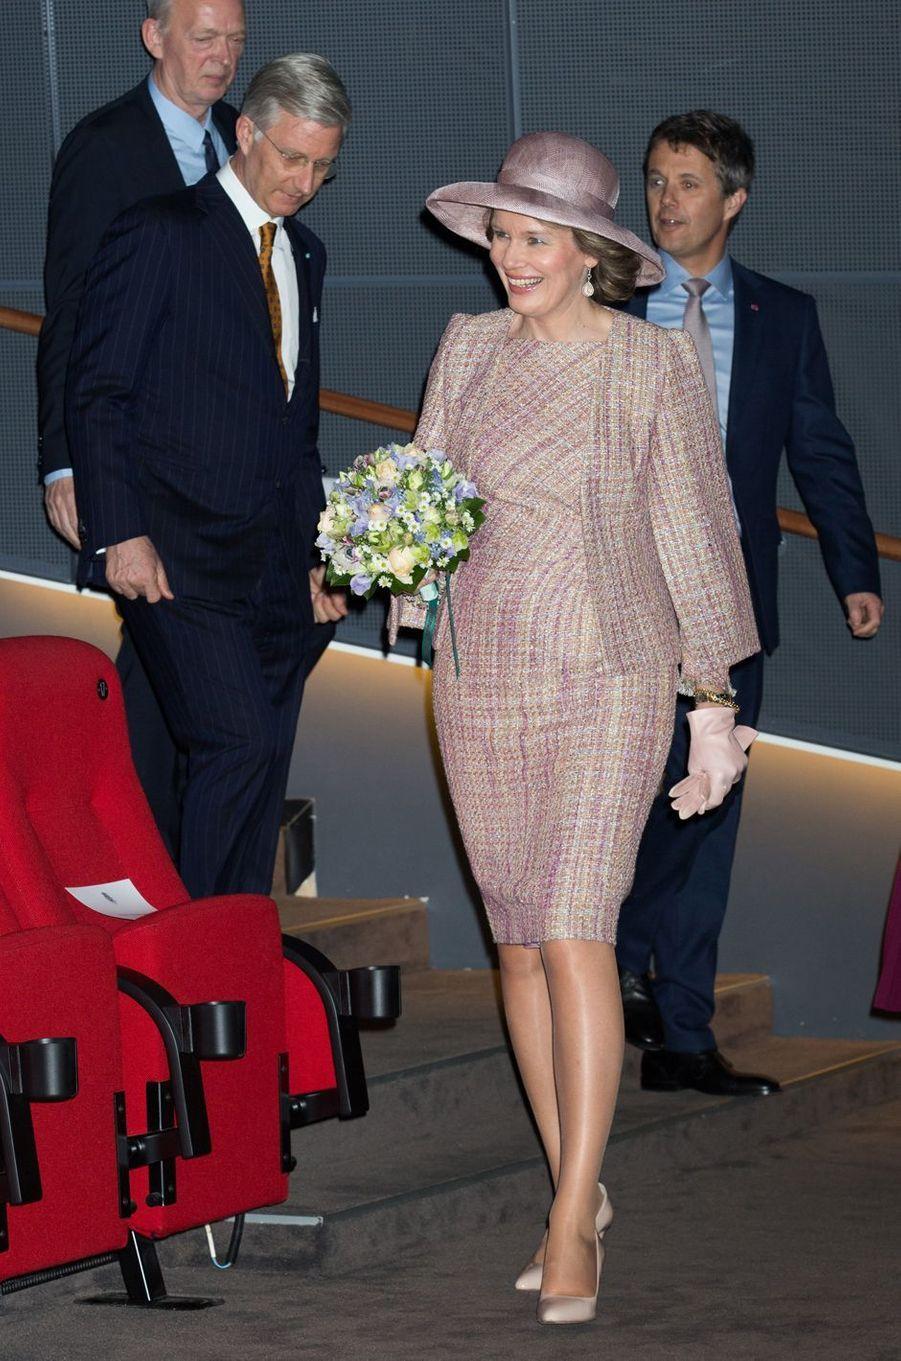 La reine Mathilde et le roi Philippe de Belgique avec le prince Frederik de Danemark à Copenhague, le 29 mars 2017